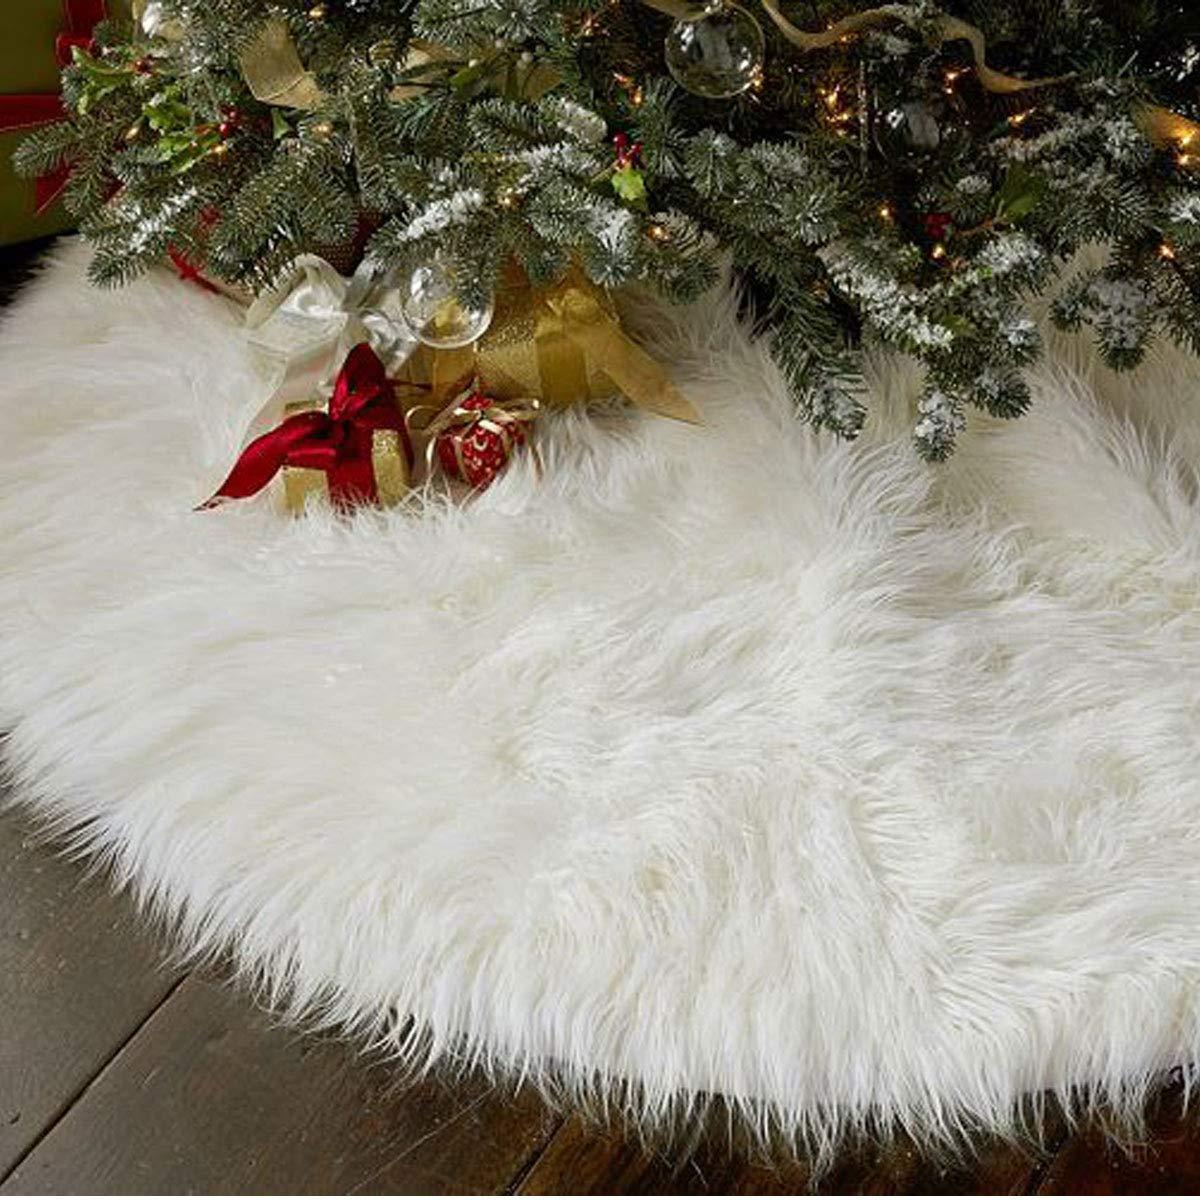 78cm Kompassswc Schneewei/ße Pl/üsch Weihnachtsbaumdecke Christbaumst/änder Teppich Decke Kunstfell Christbaumdecke Weihnachtsbaum Rock Tannenbaum Unterlage